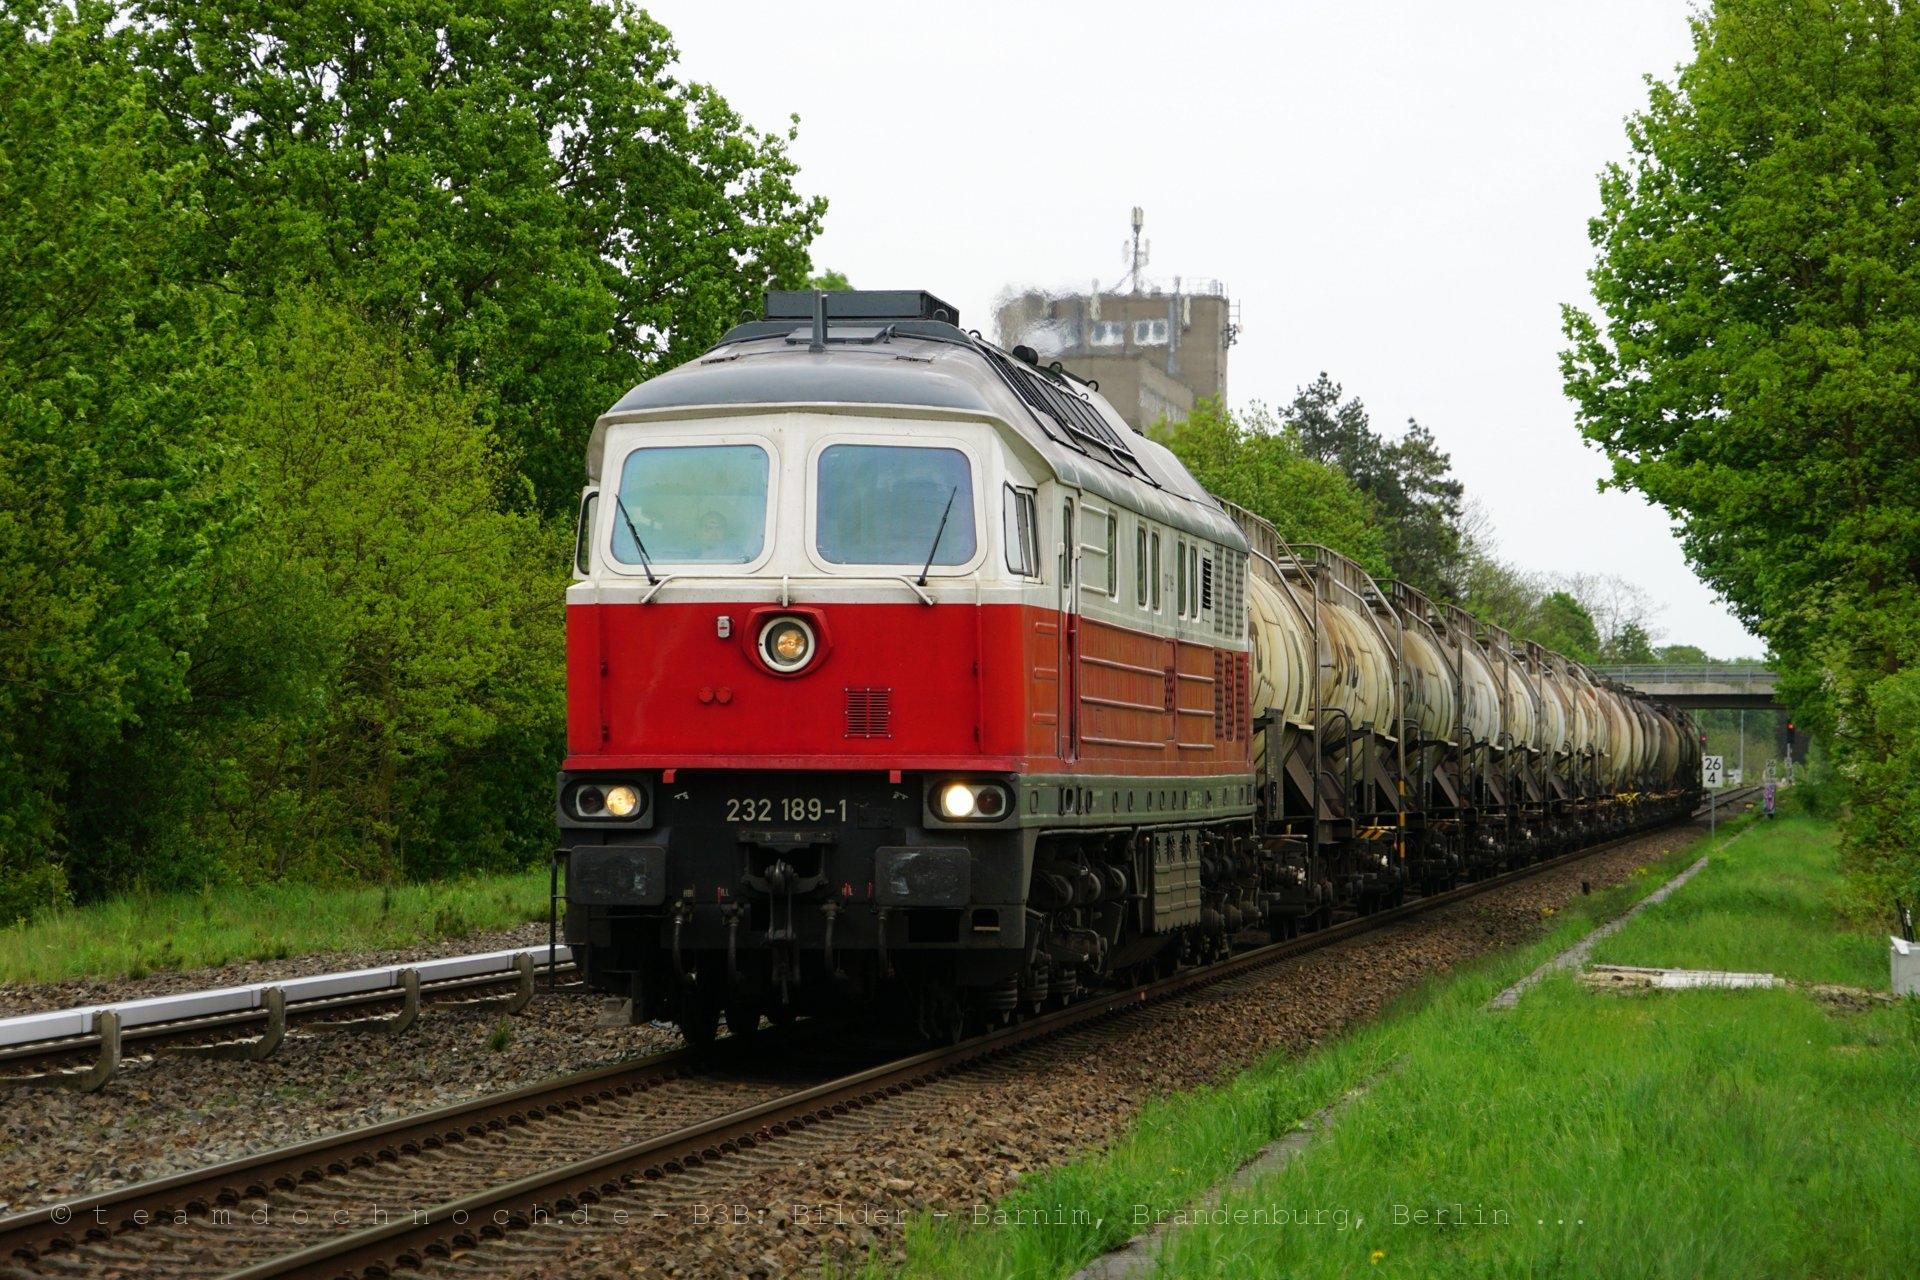 Der berühmte Ostbahn-Knicker beim Getreidespeicher in Strausberg / Eggersdorf